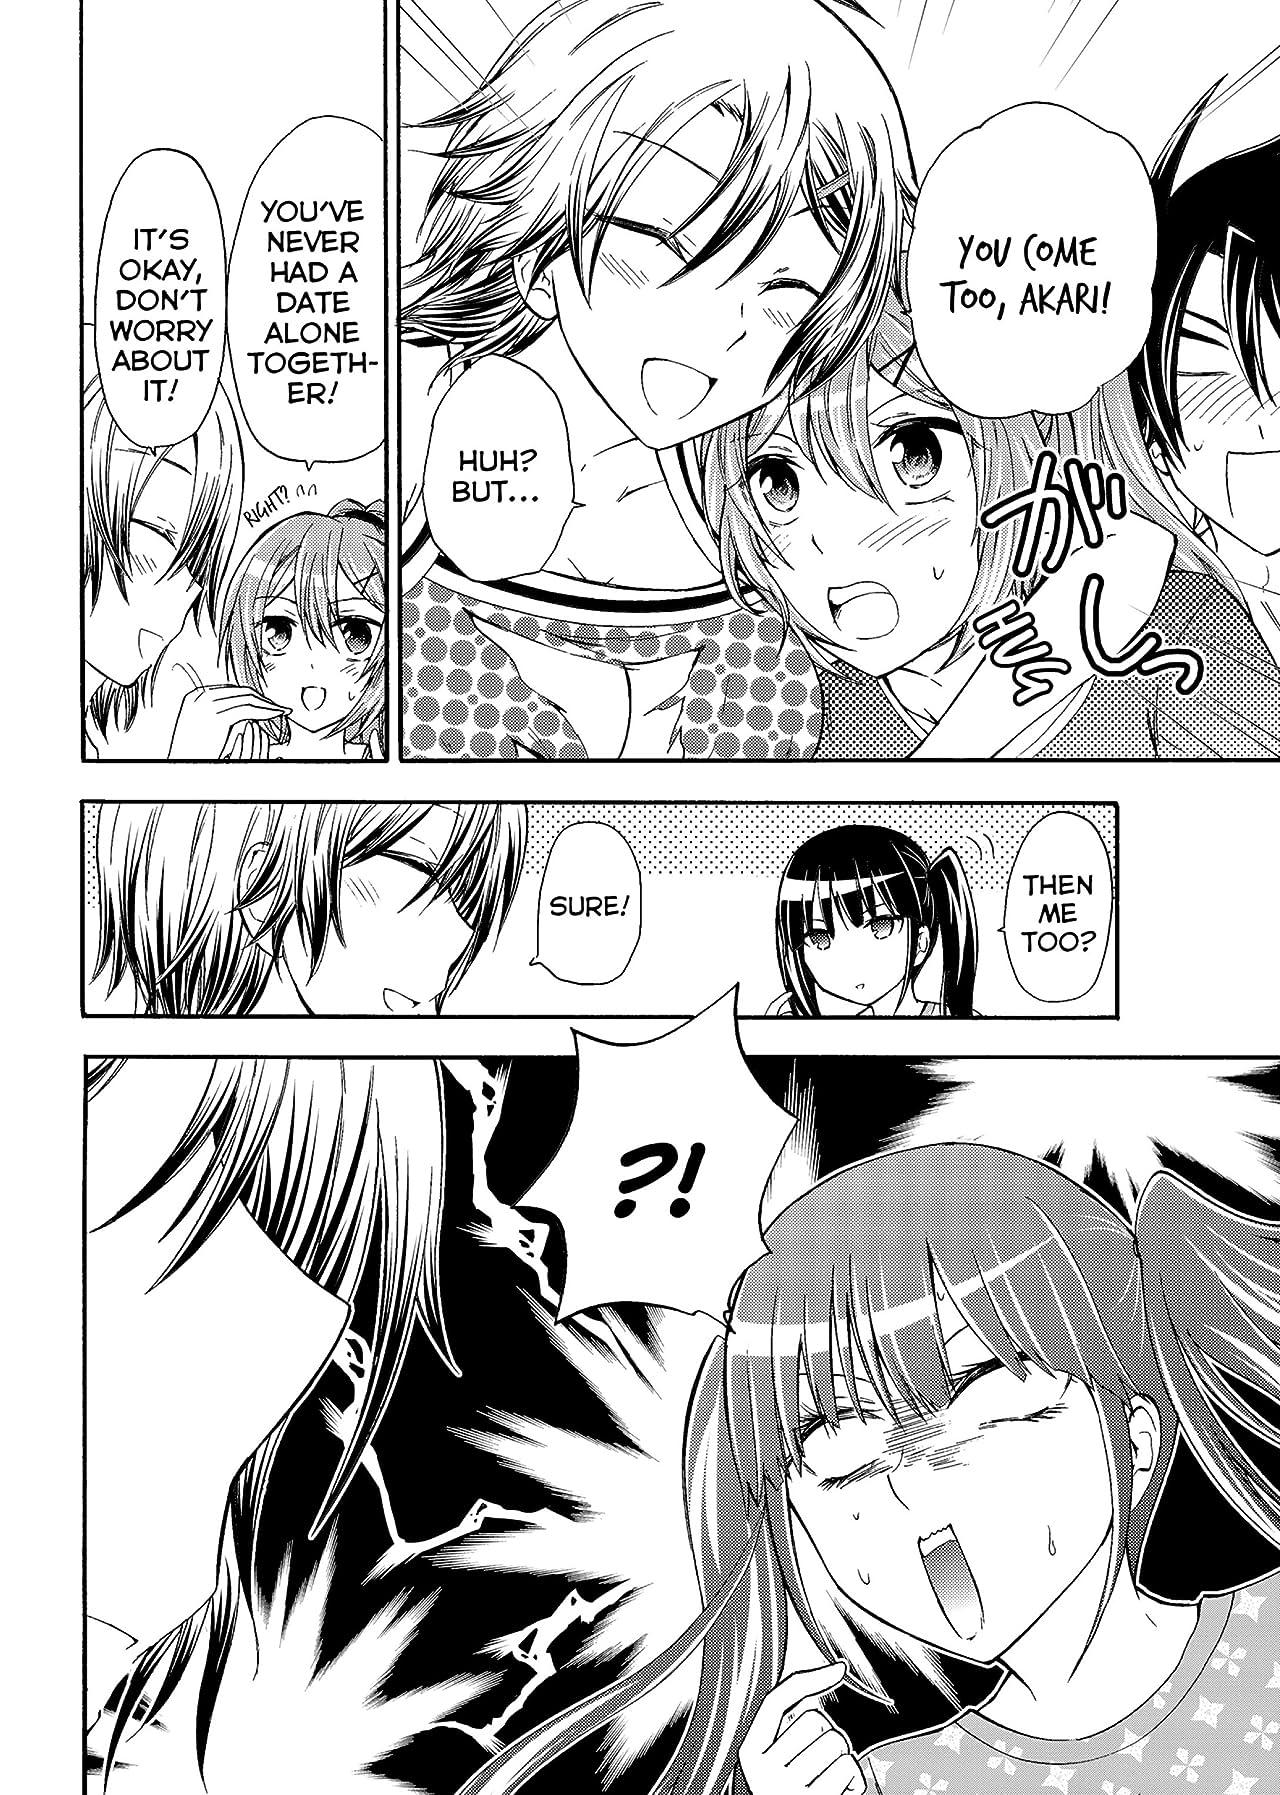 Maga-Tsuki #47